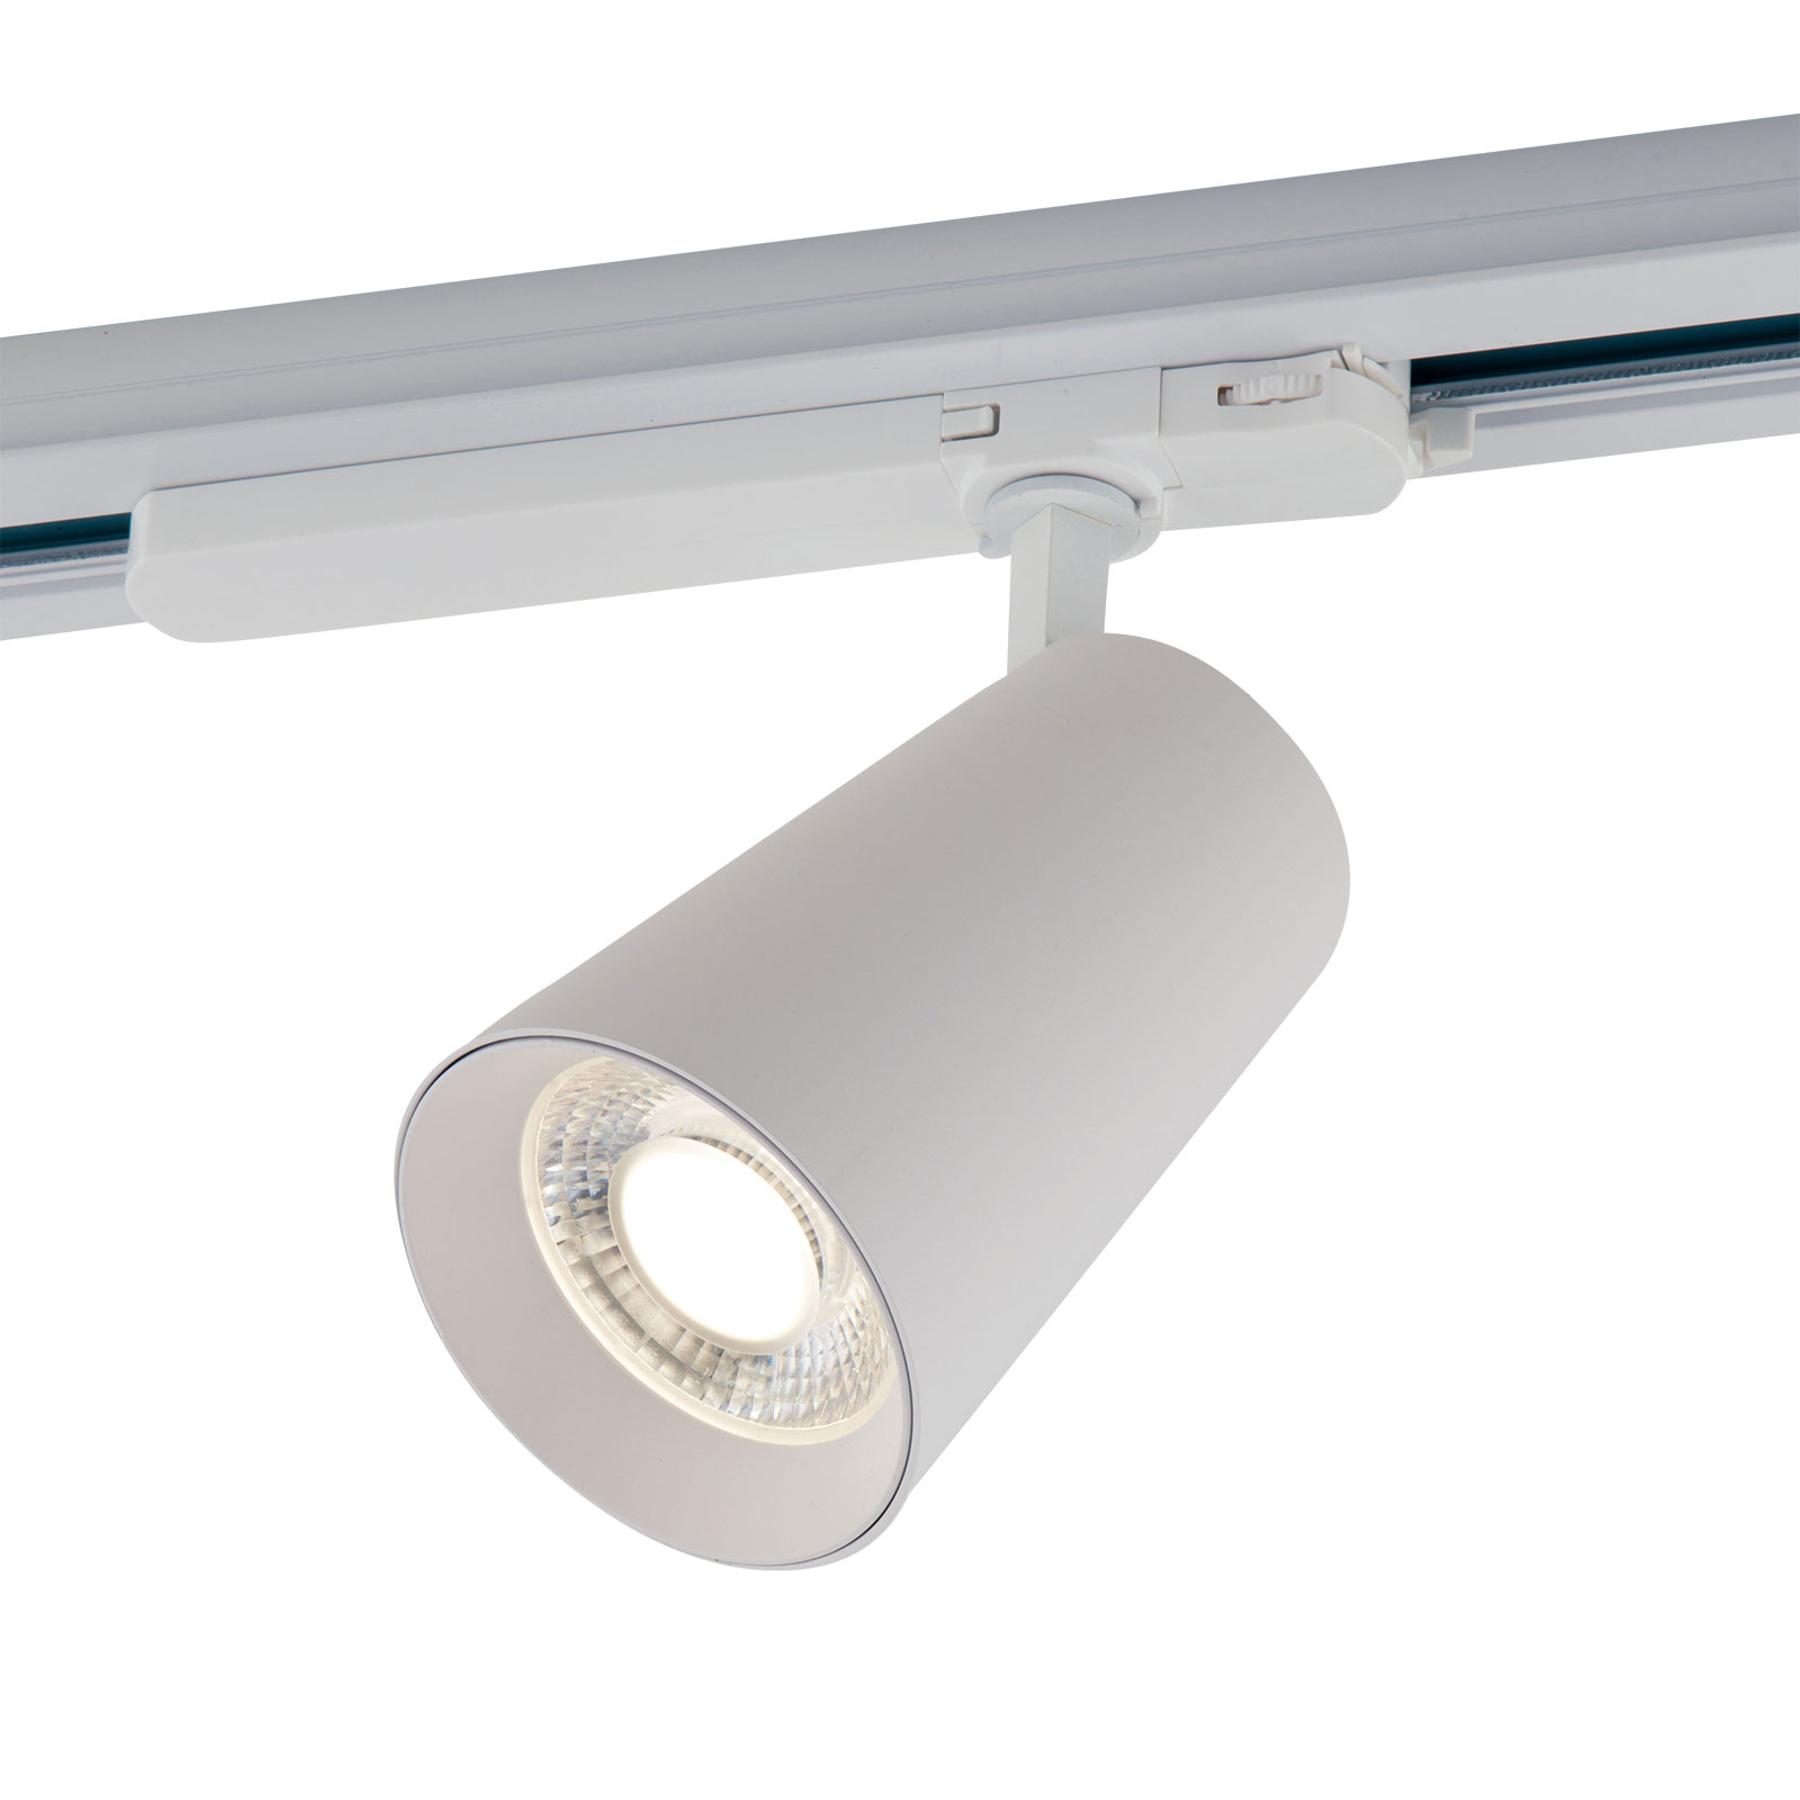 LED-Schienen-Strahler Kone 3.000K 24W weiß